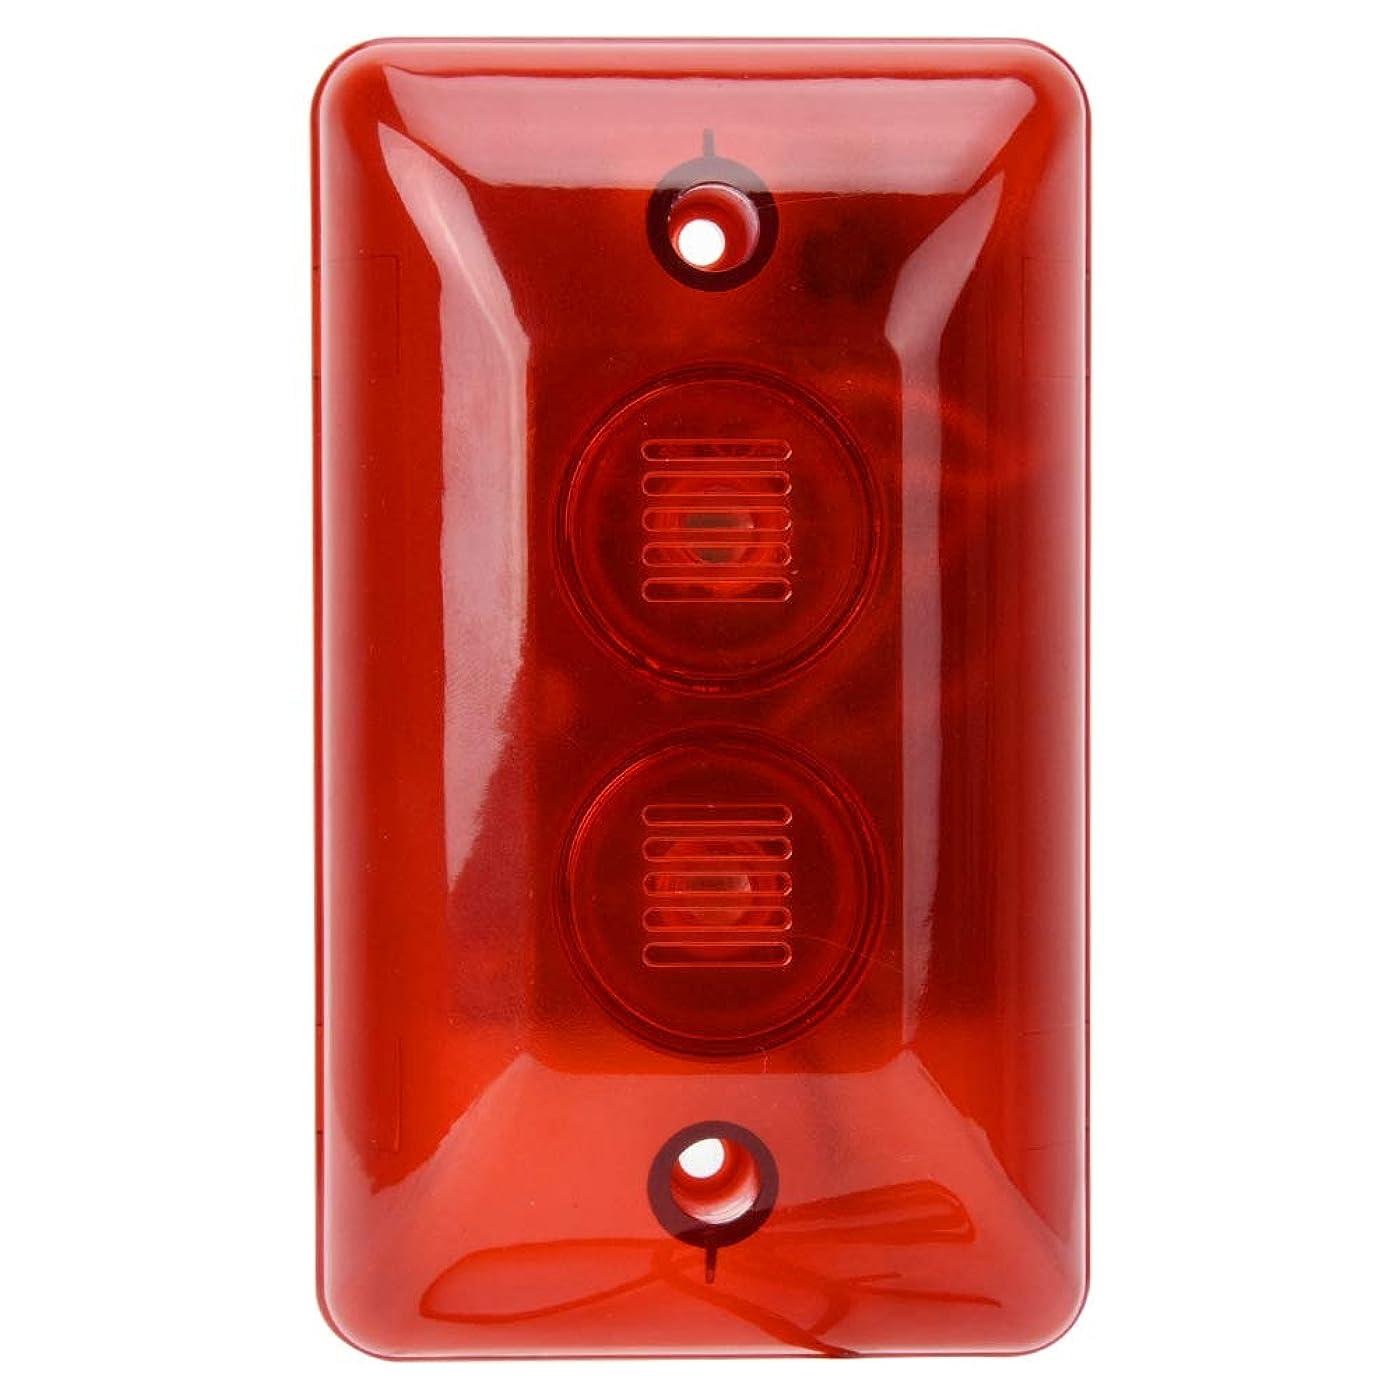 ケニアスイパターン12V有線アラーム 緊急注意警告灯 センサーライト ストロボサイレンサ 安全点滅LEDライト ストロボライト セキュリティ警報システム